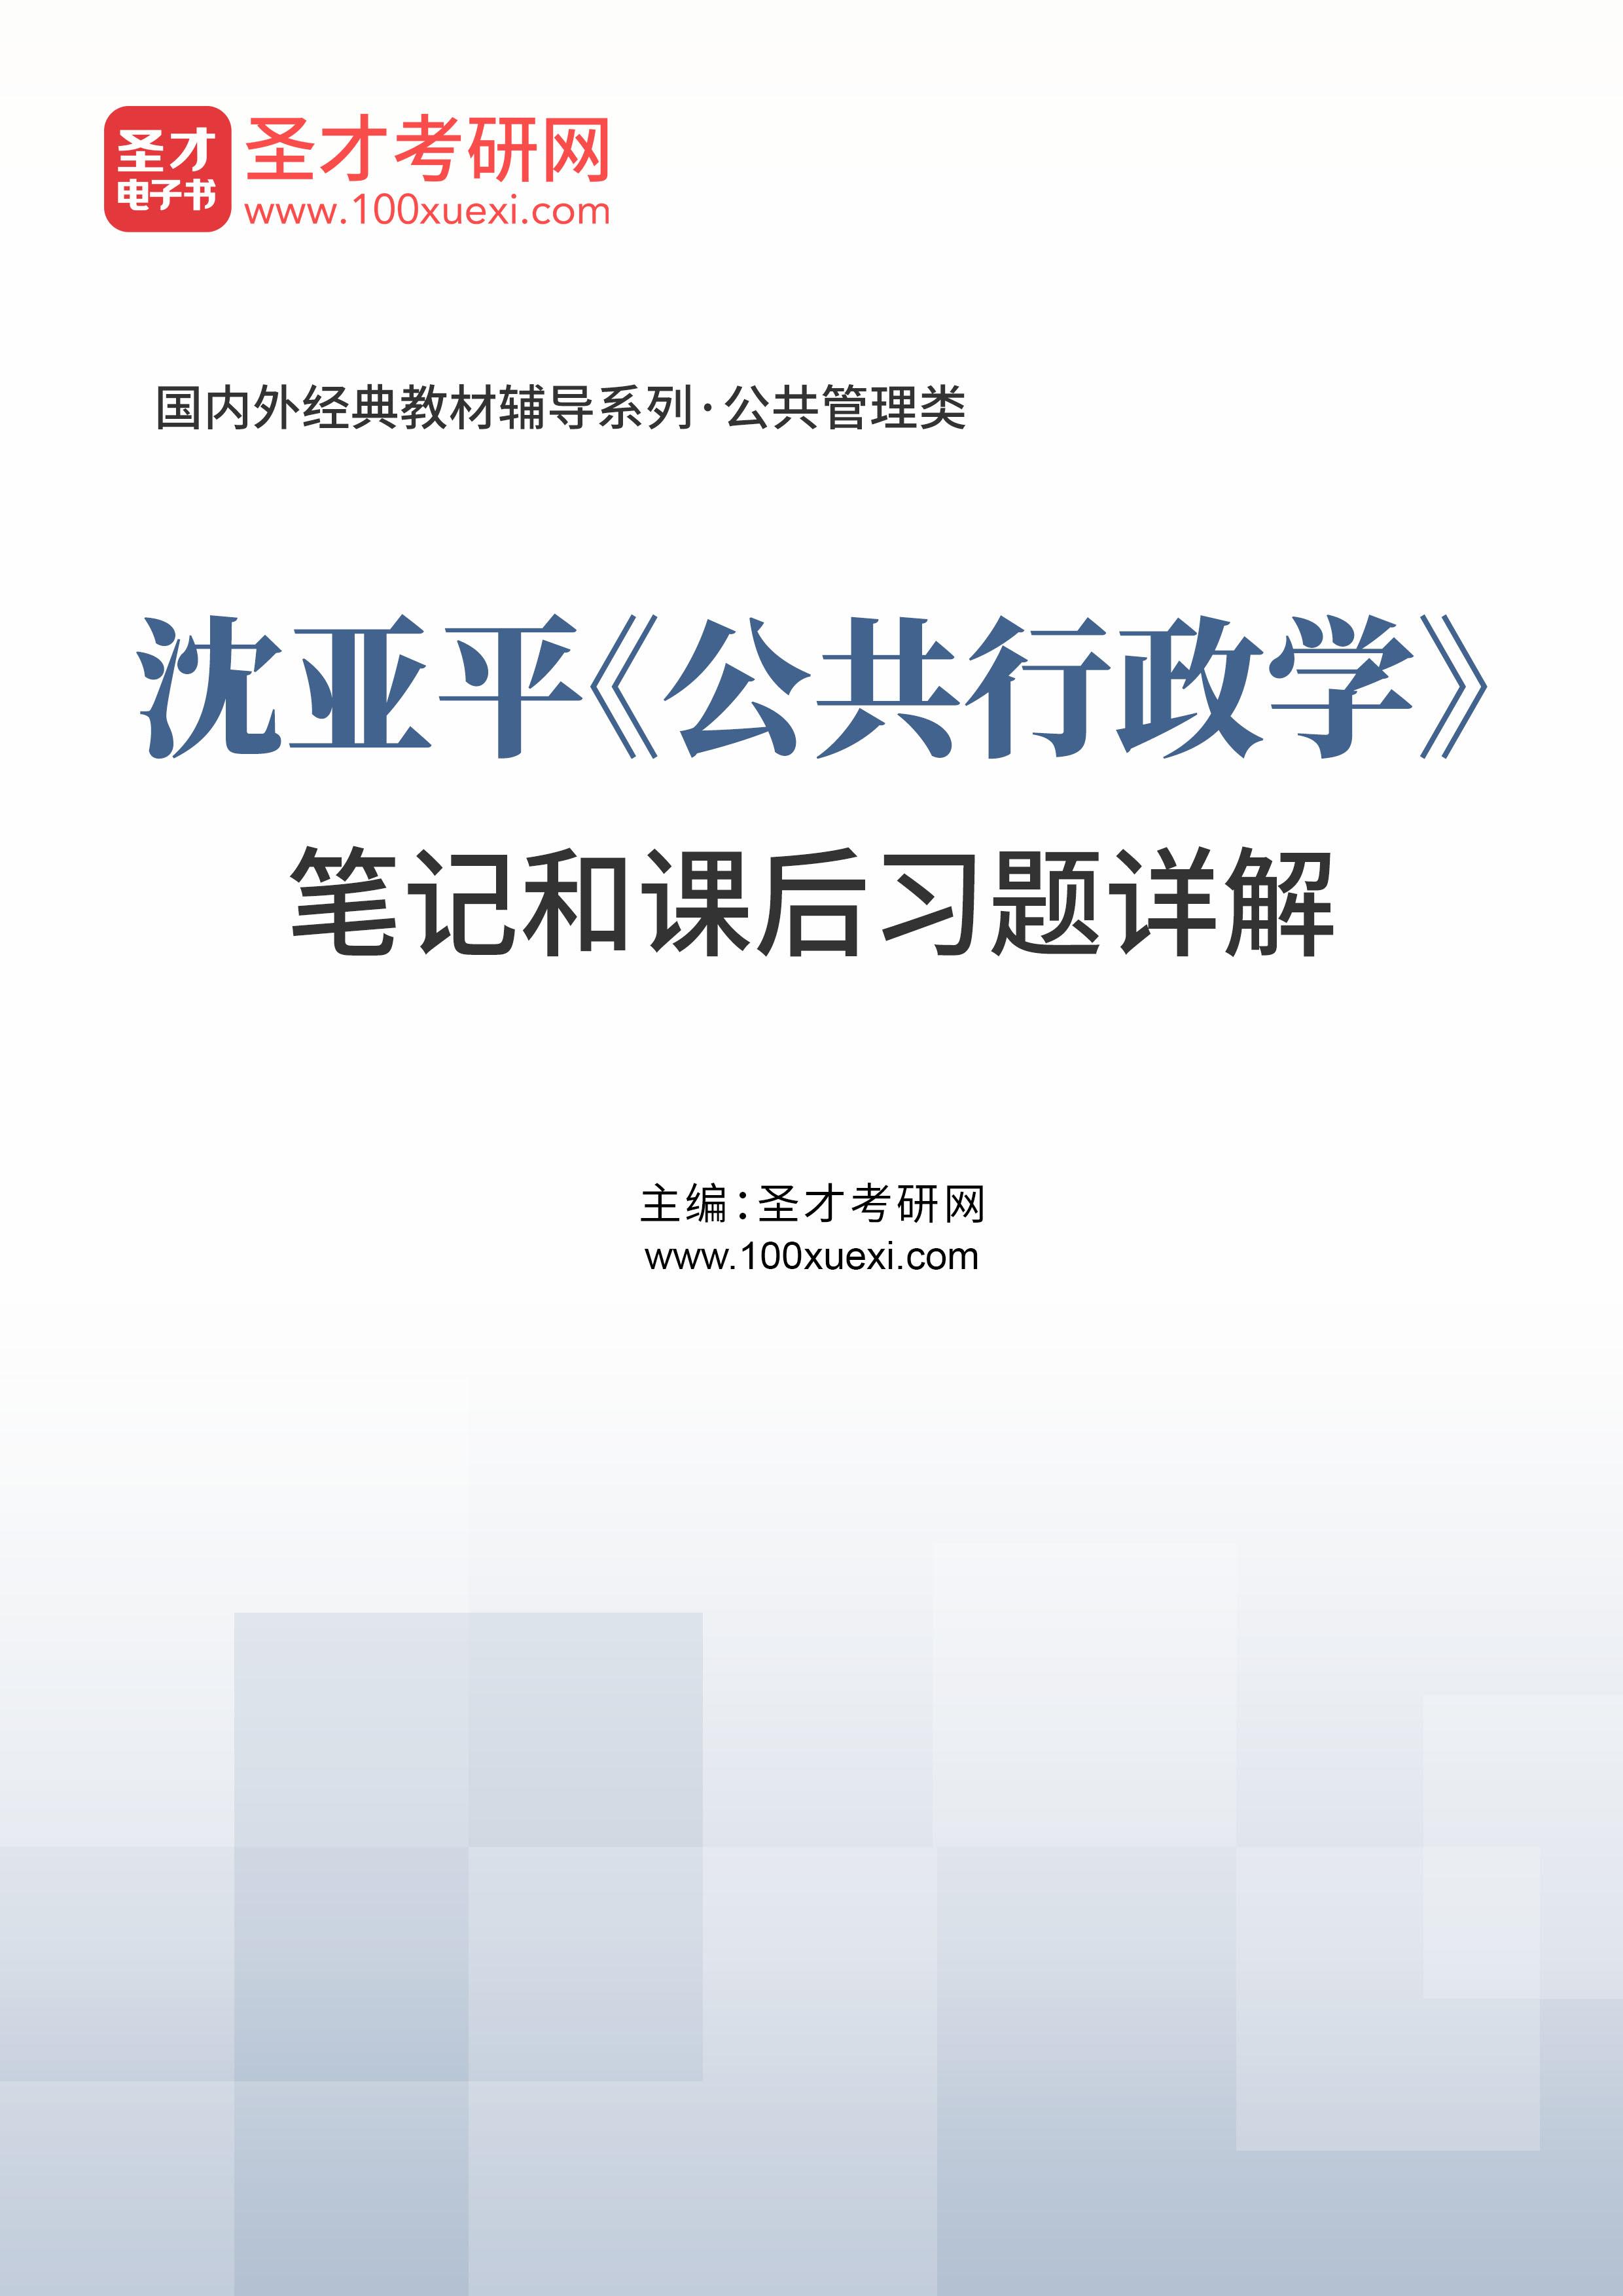 沈亚平《公共行政学》笔记和课后习题详解